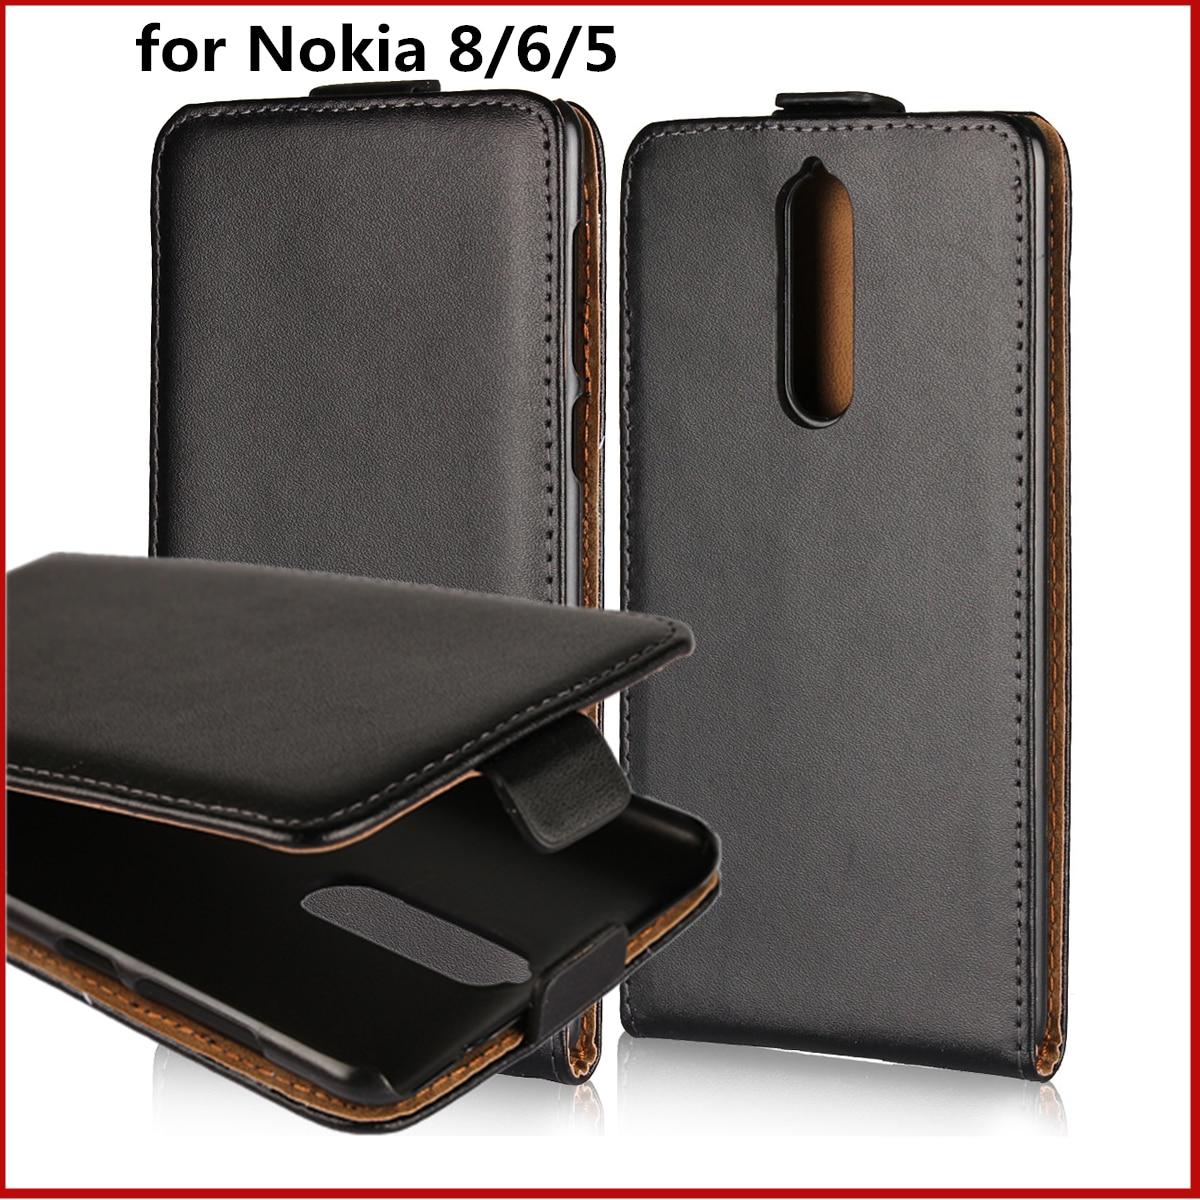 Klapphandy fall für Nokia 8 6 5 ledertasche ultra dünne Magnetische adsorption flip coevr fall für Nokia 6 5 8